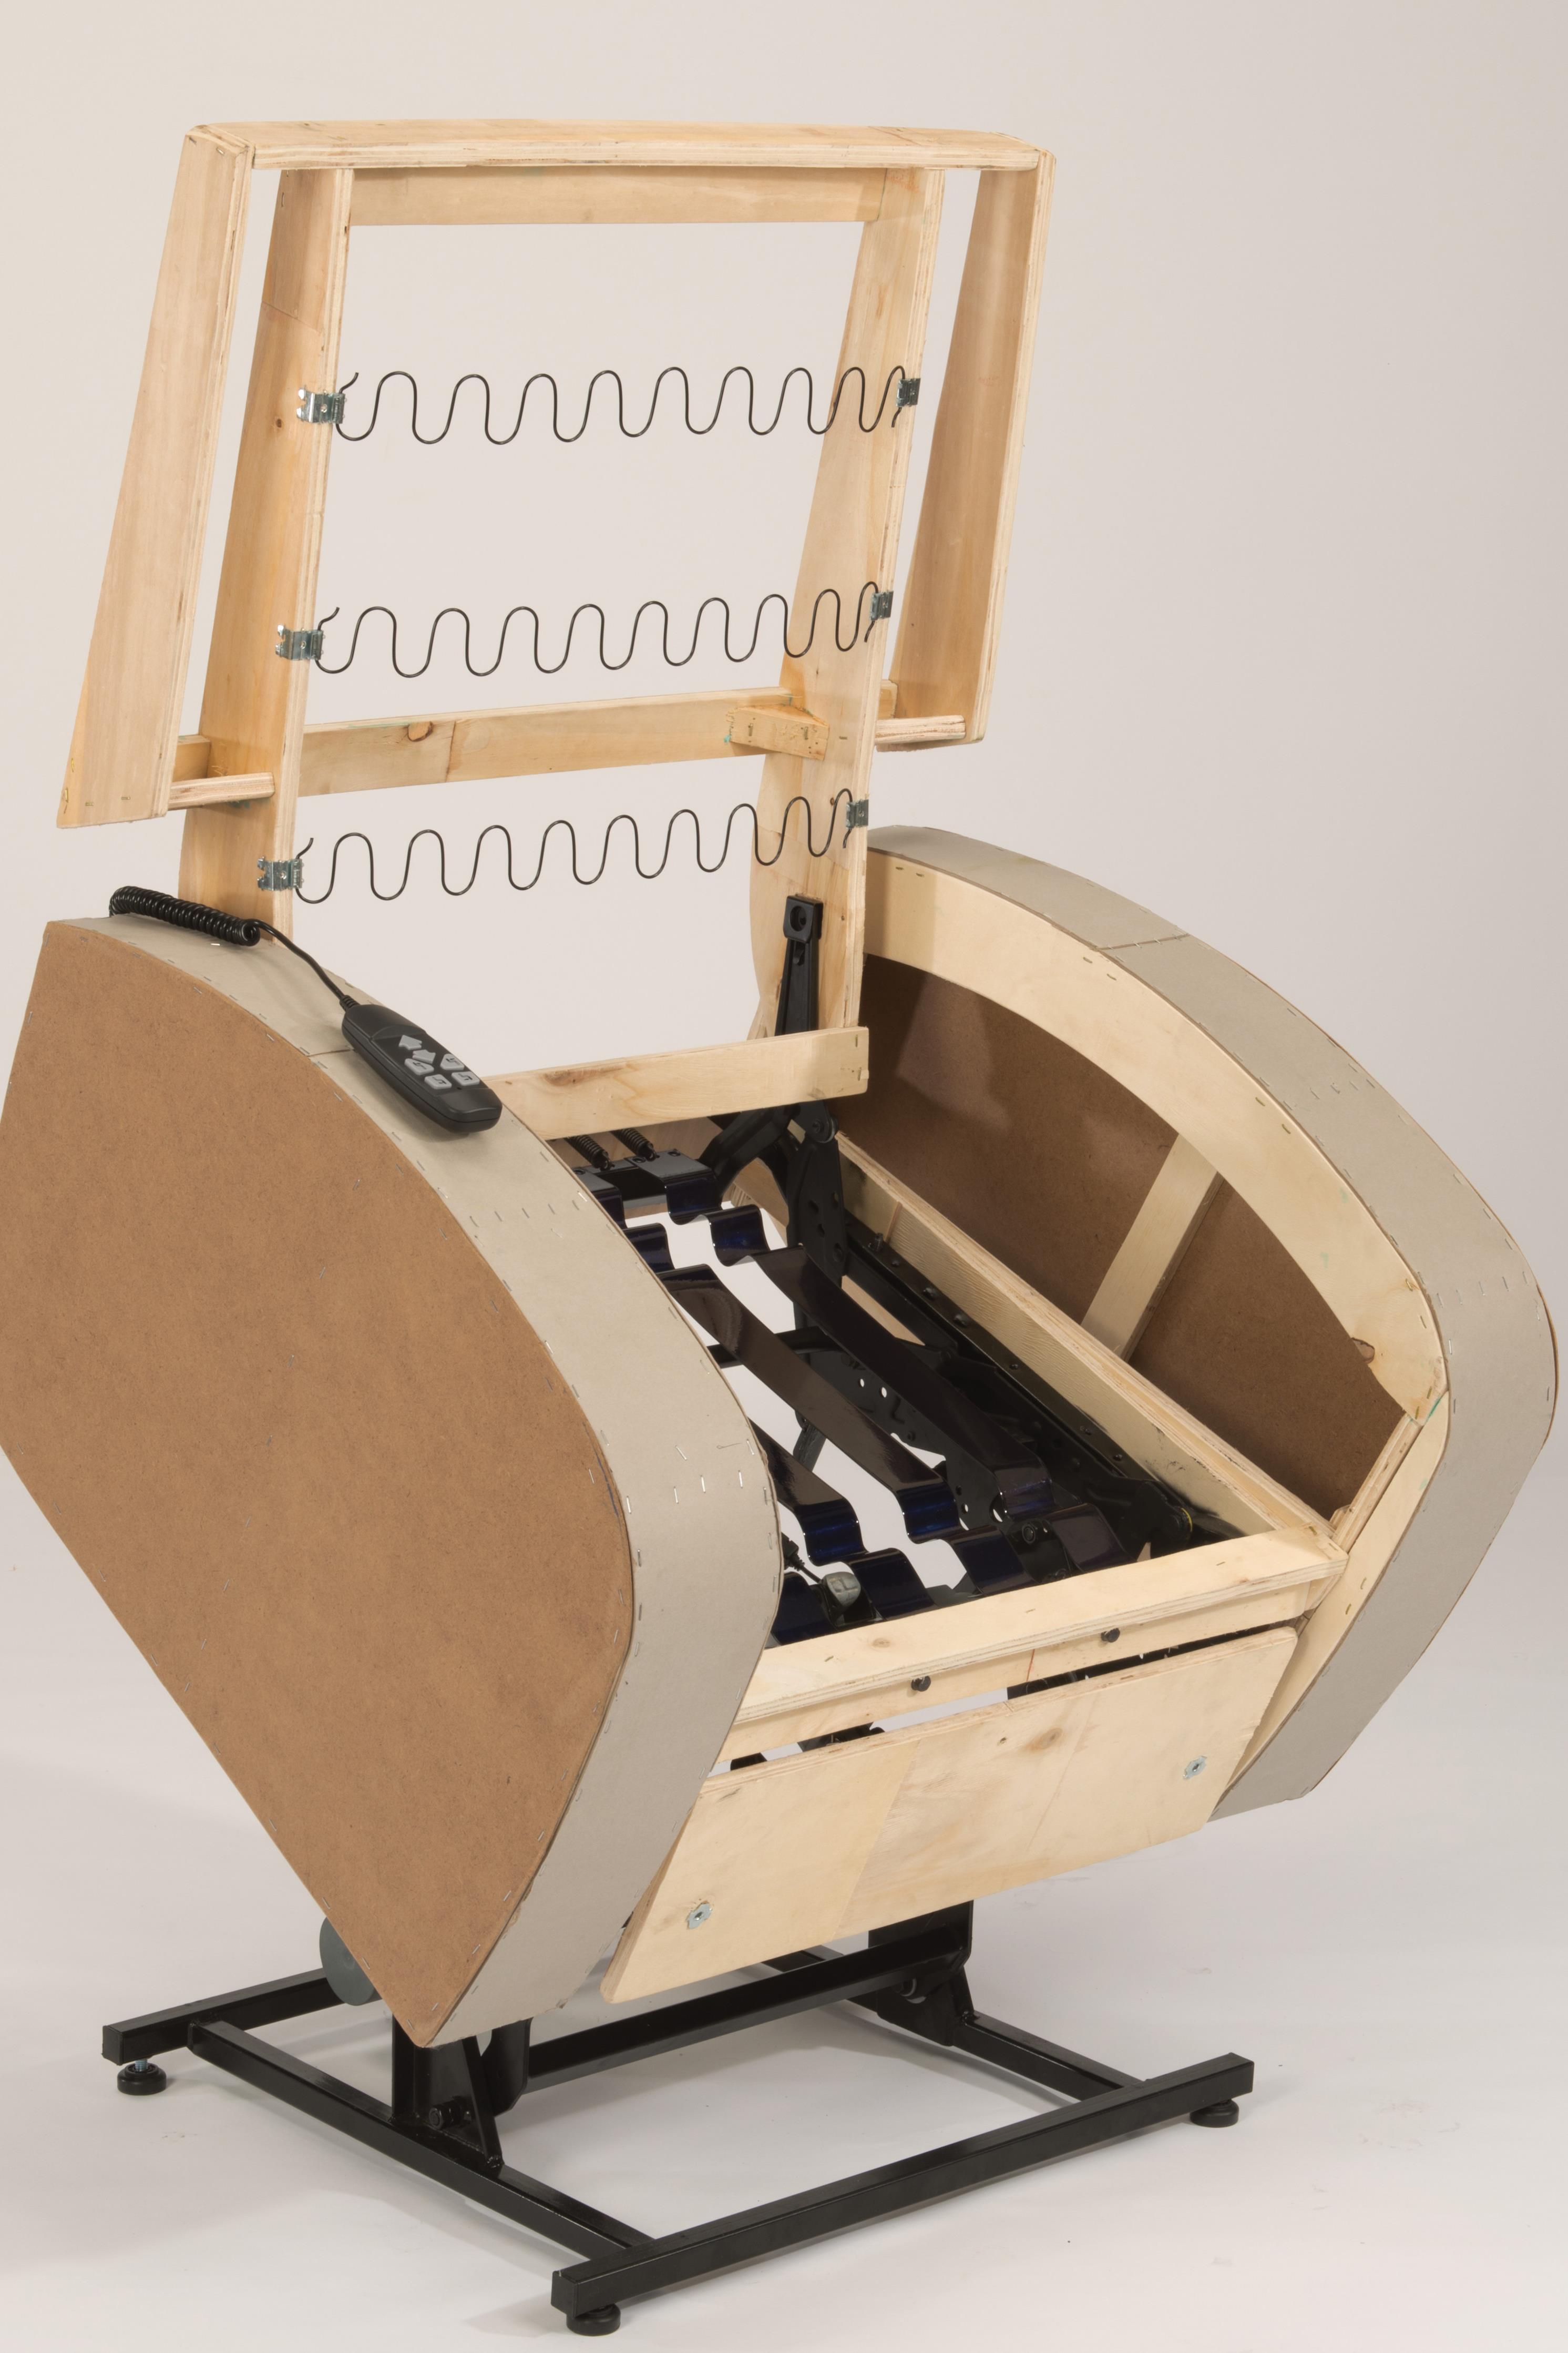 Latitudes Lift Chairs 1900 By Flexsteel Belfort